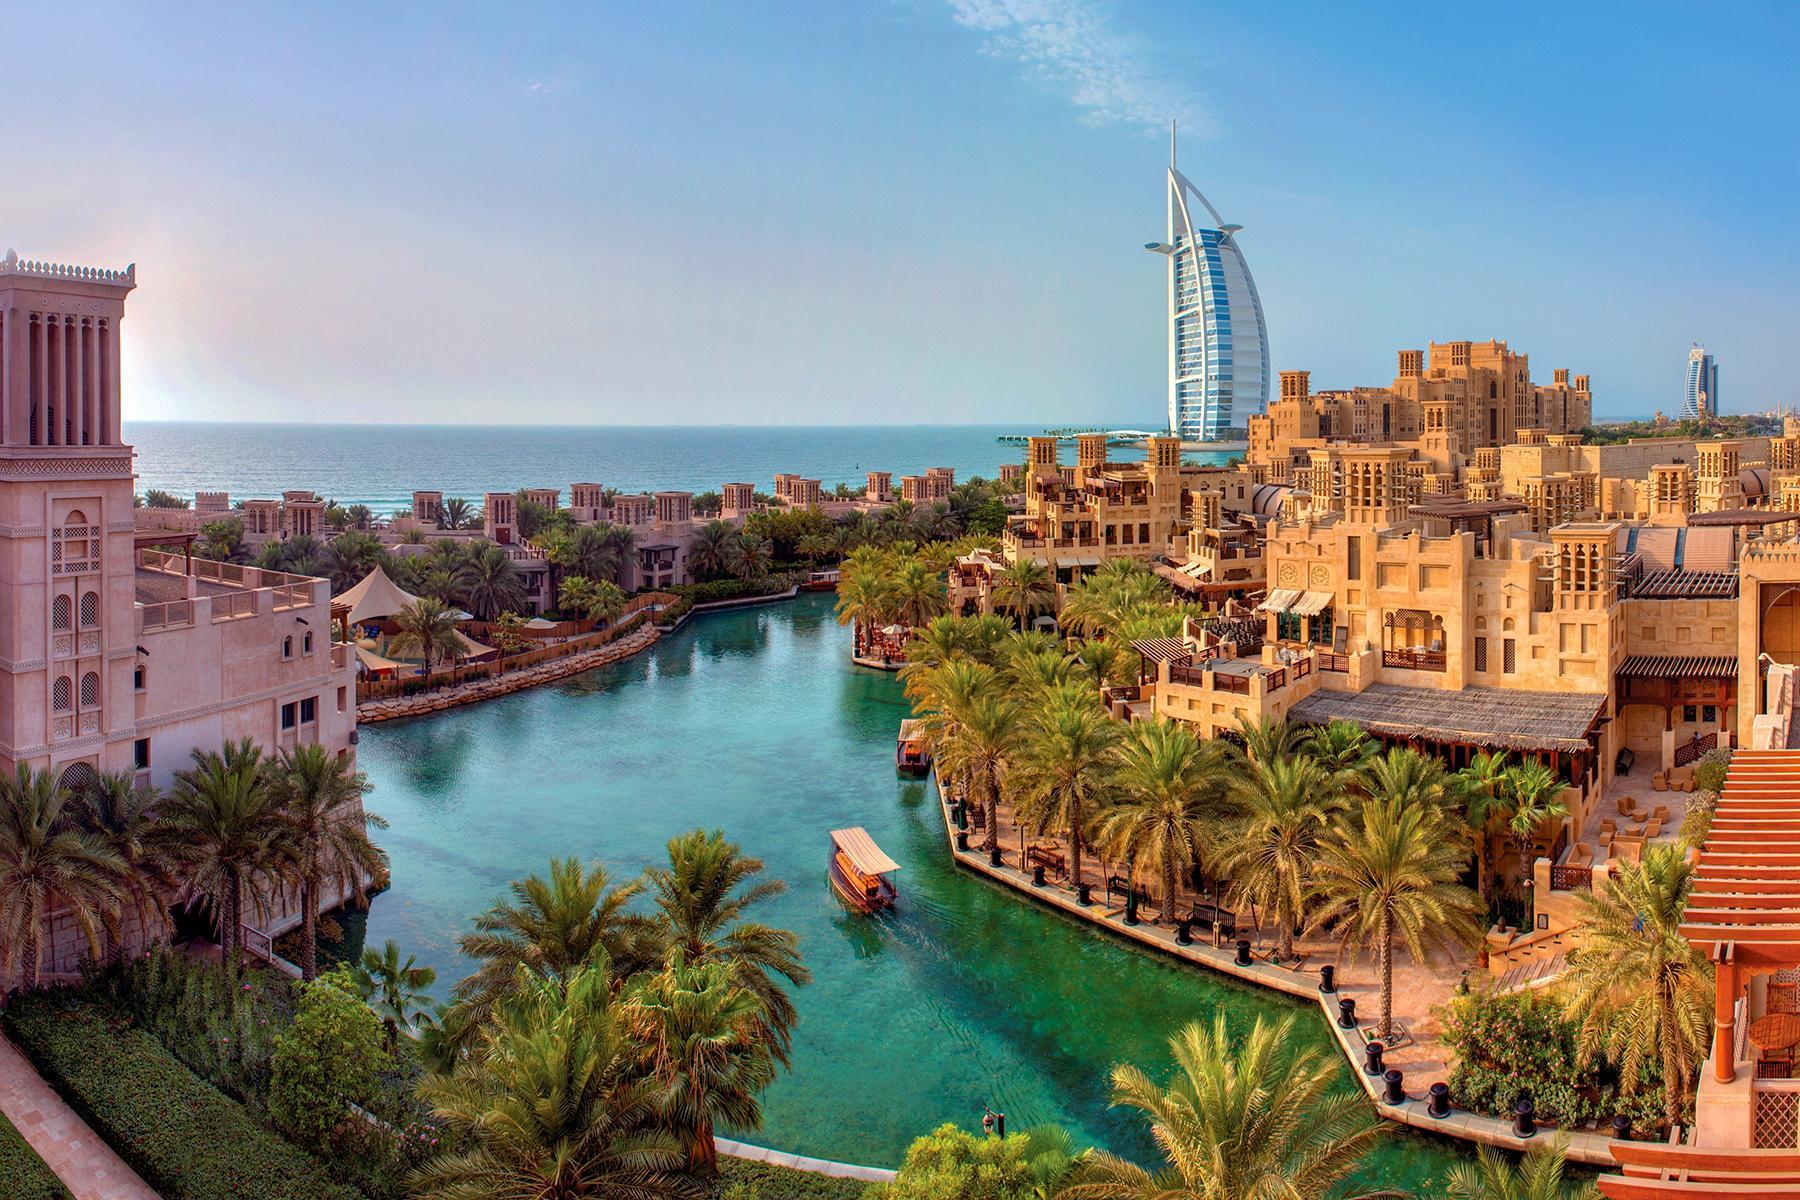 01_BeachHoneymoon__Dubai_1.) Souk Madinat Jumeirah - Daytime Exterior